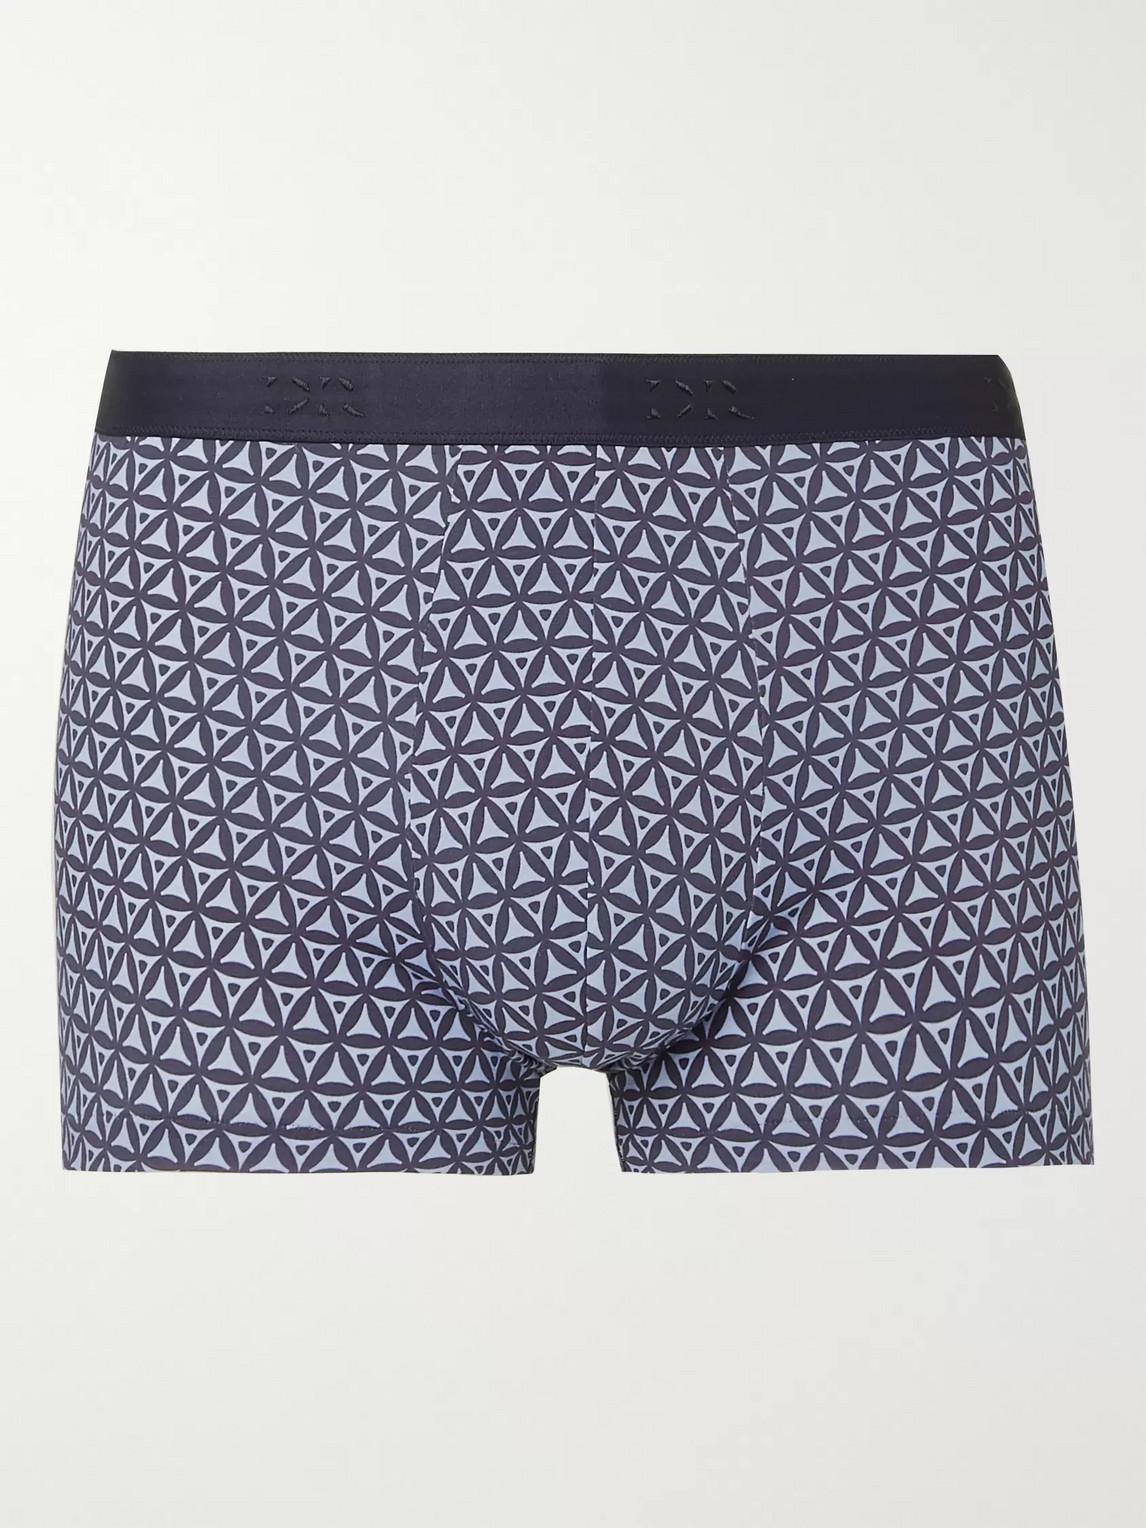 derek rose - printed stretch-cotton boxer briefs - blue - s - men